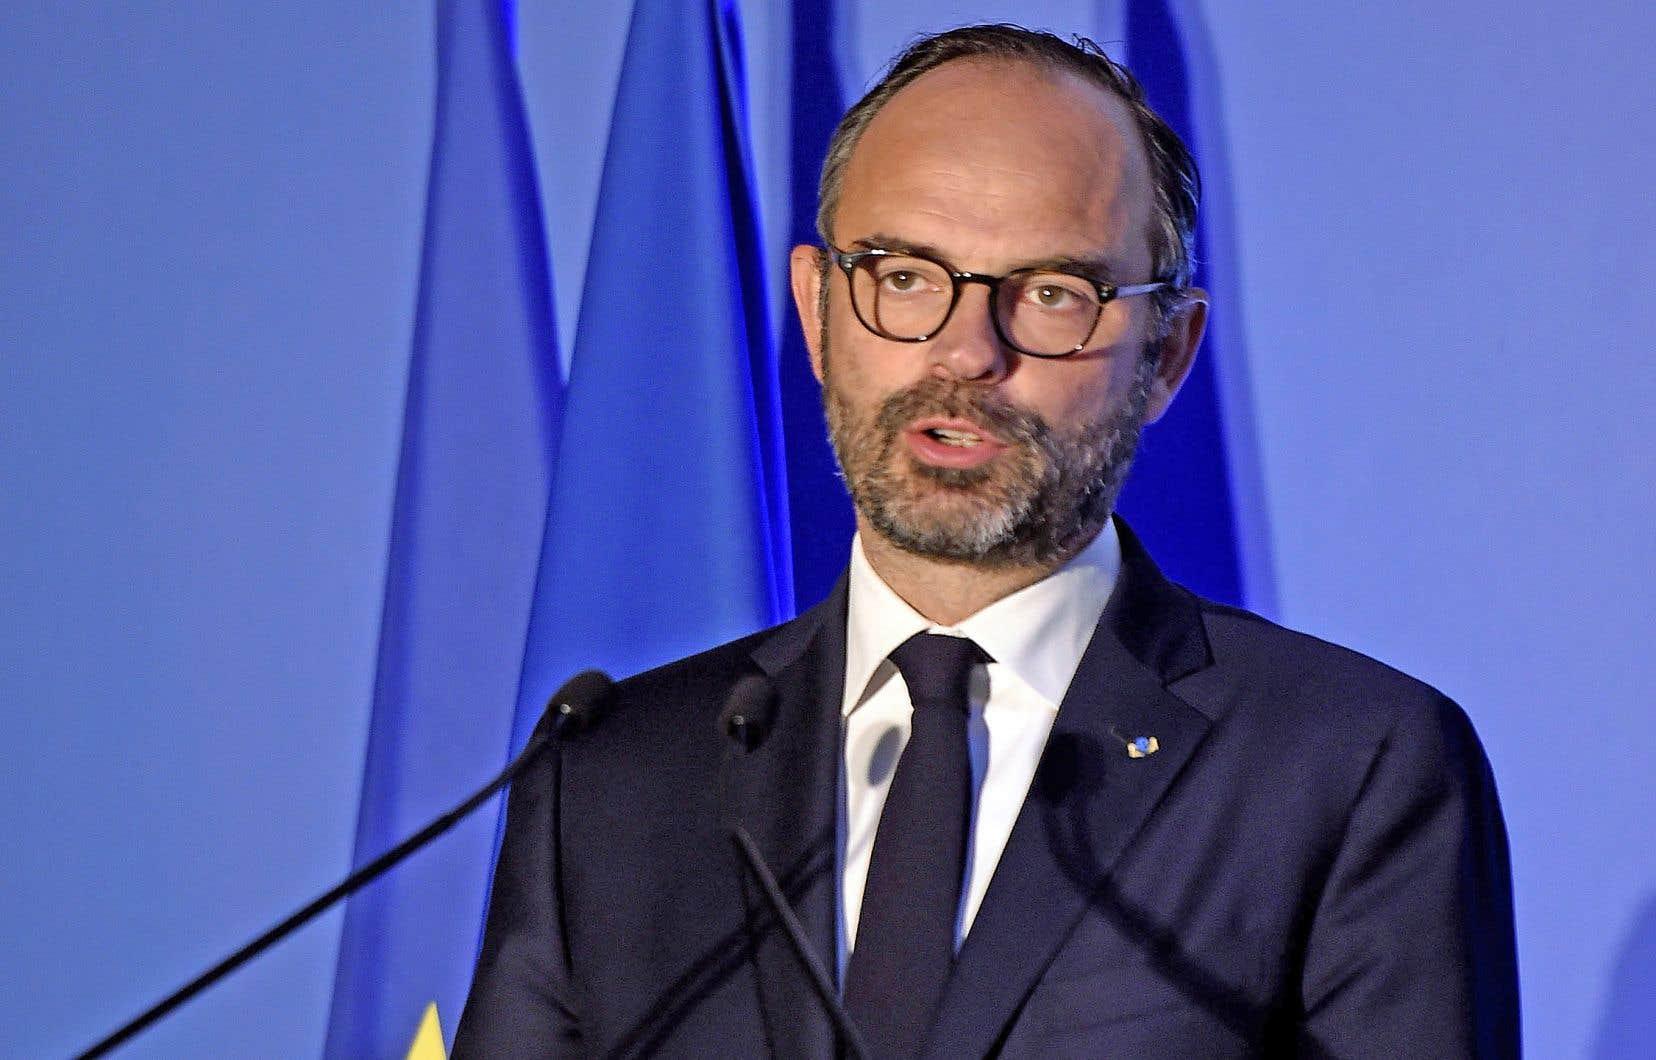 Le premier ministre de France, Édouard Philippe, a annoncé une hausse des droits de scolarité pour les étudiants étrangers à laquelle les Québécois échapperont.